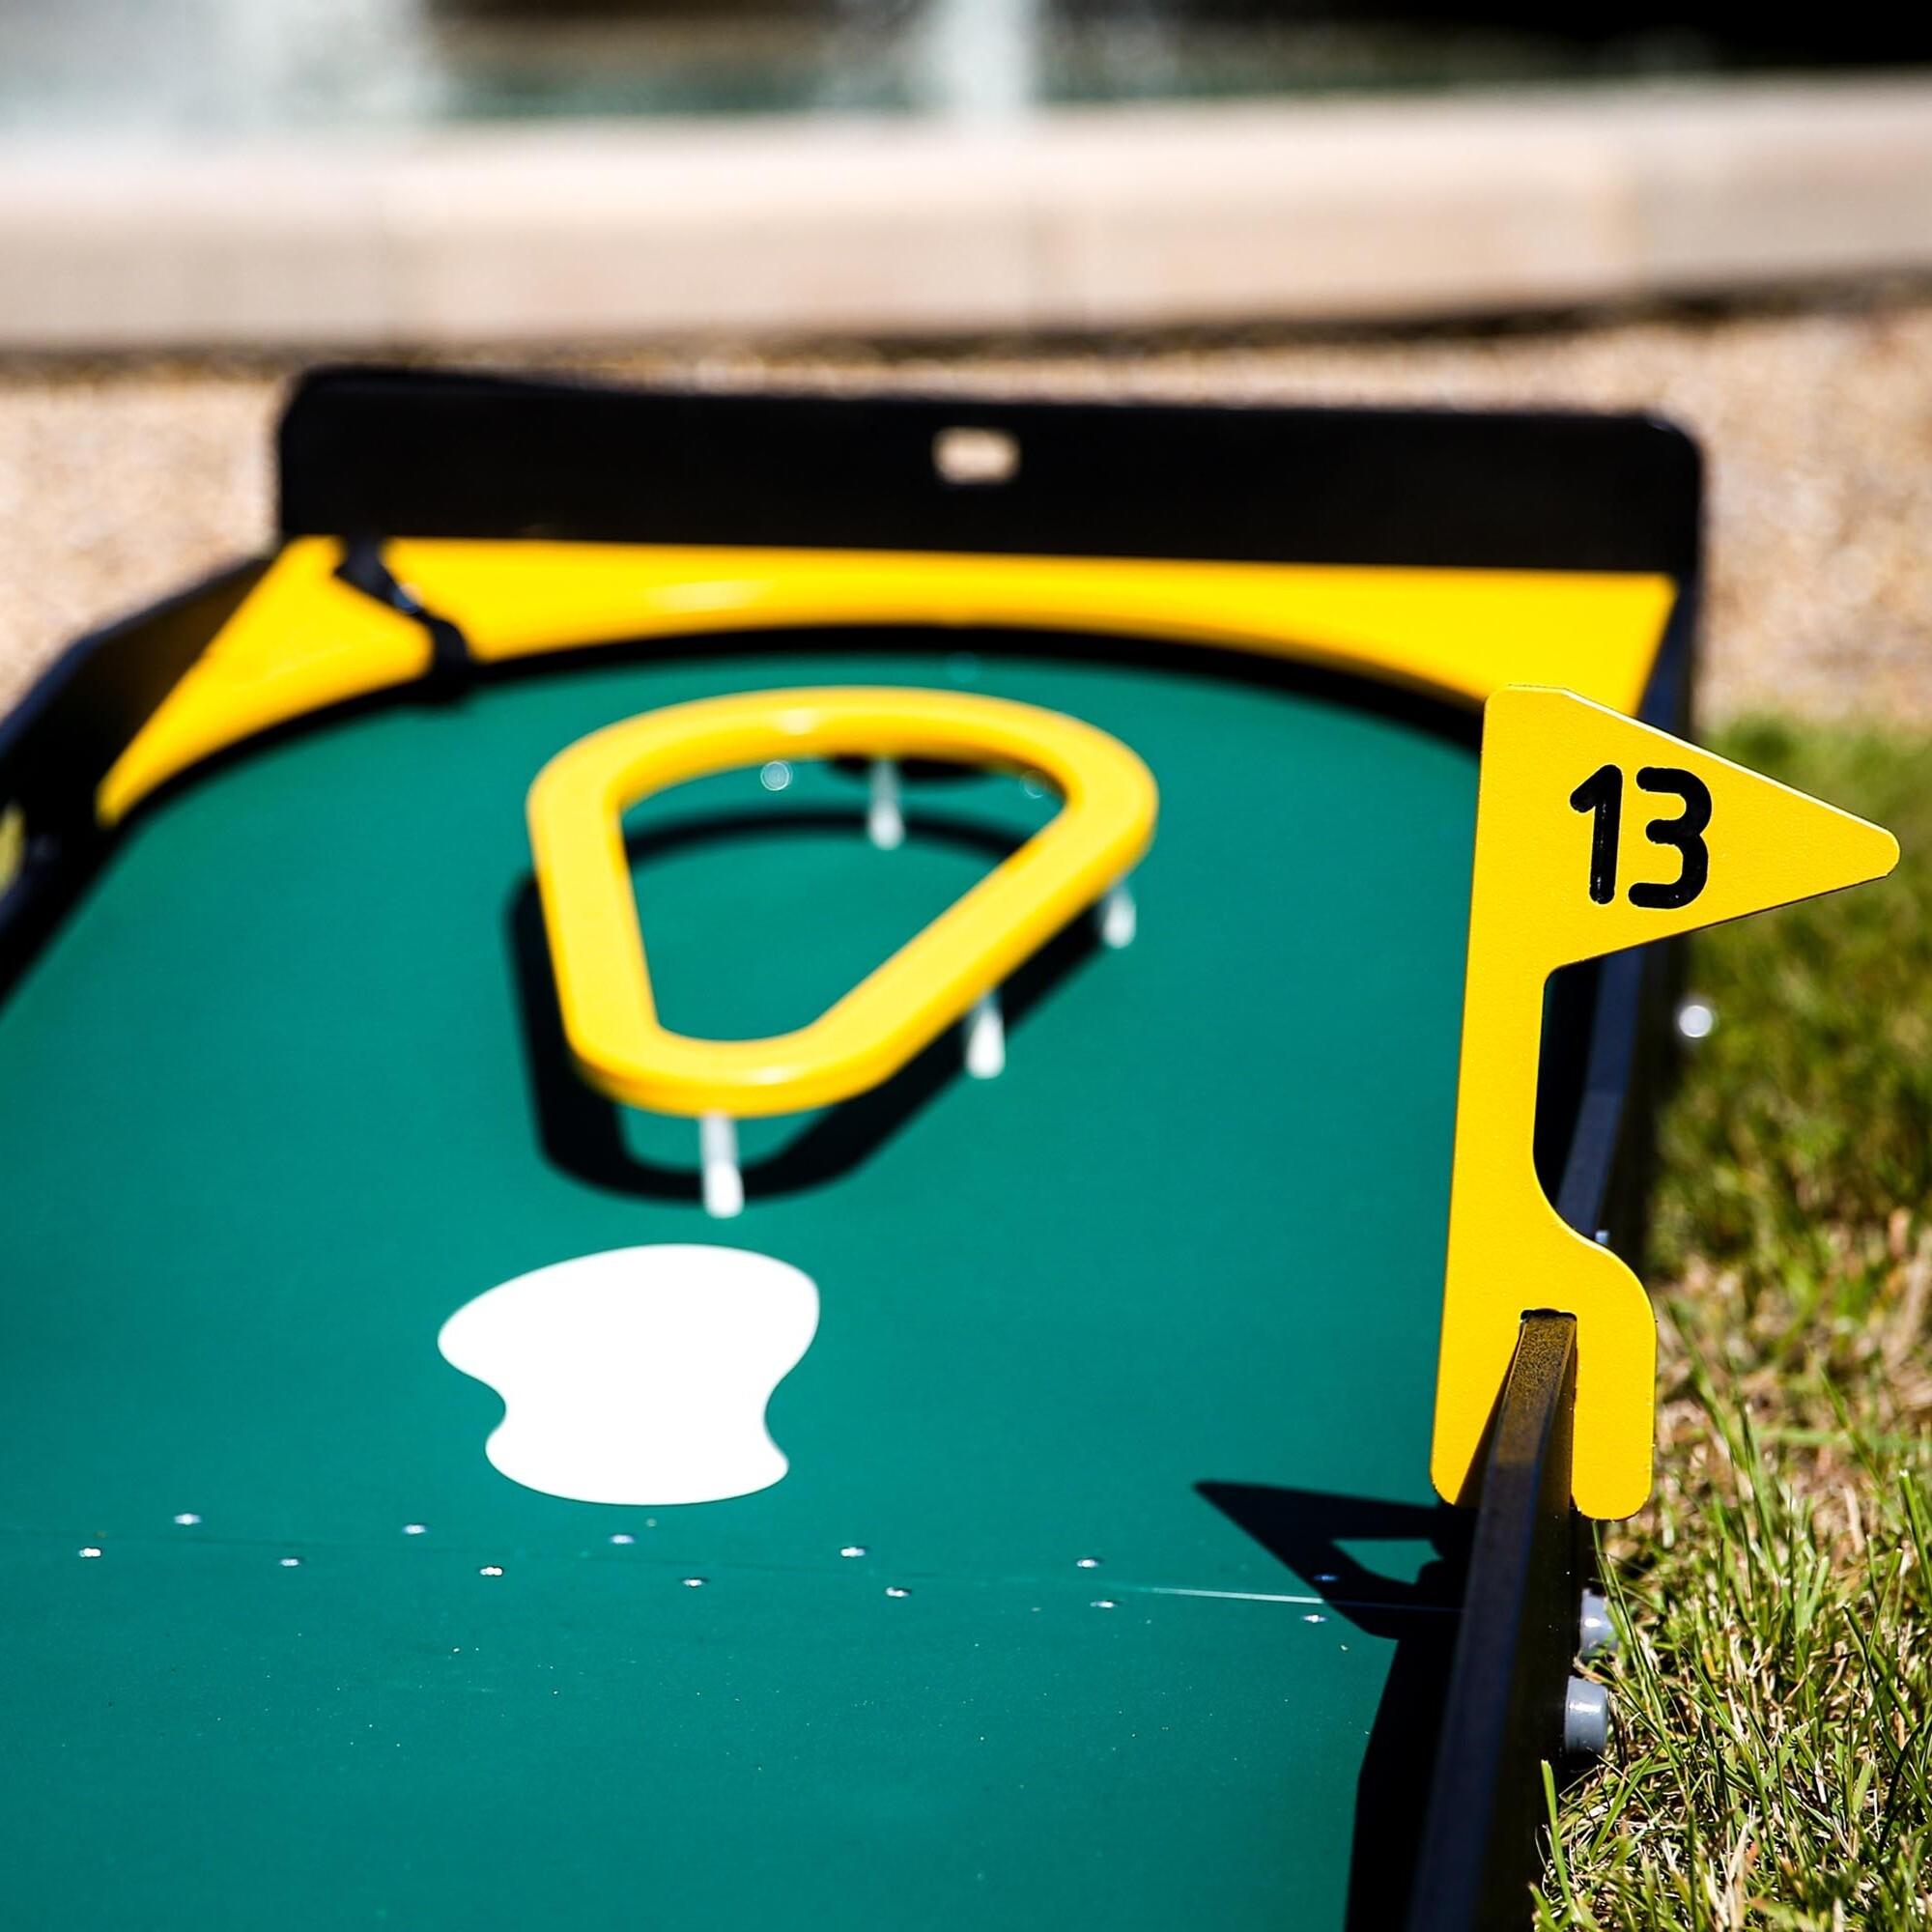 Crazy Golf Hole 13 Fetcham